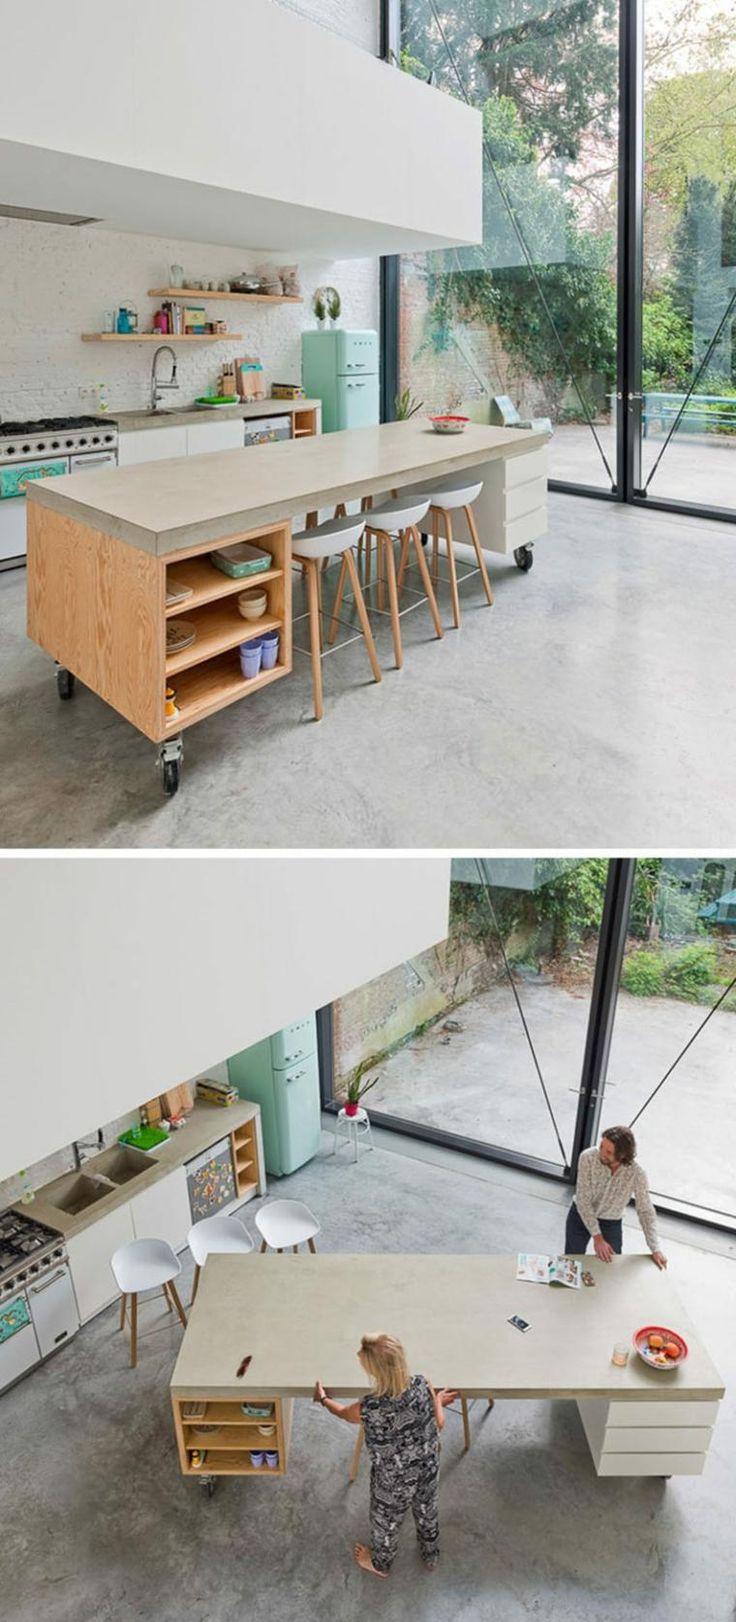 Mobile Kücheninseln, einige sehr moderne Designs